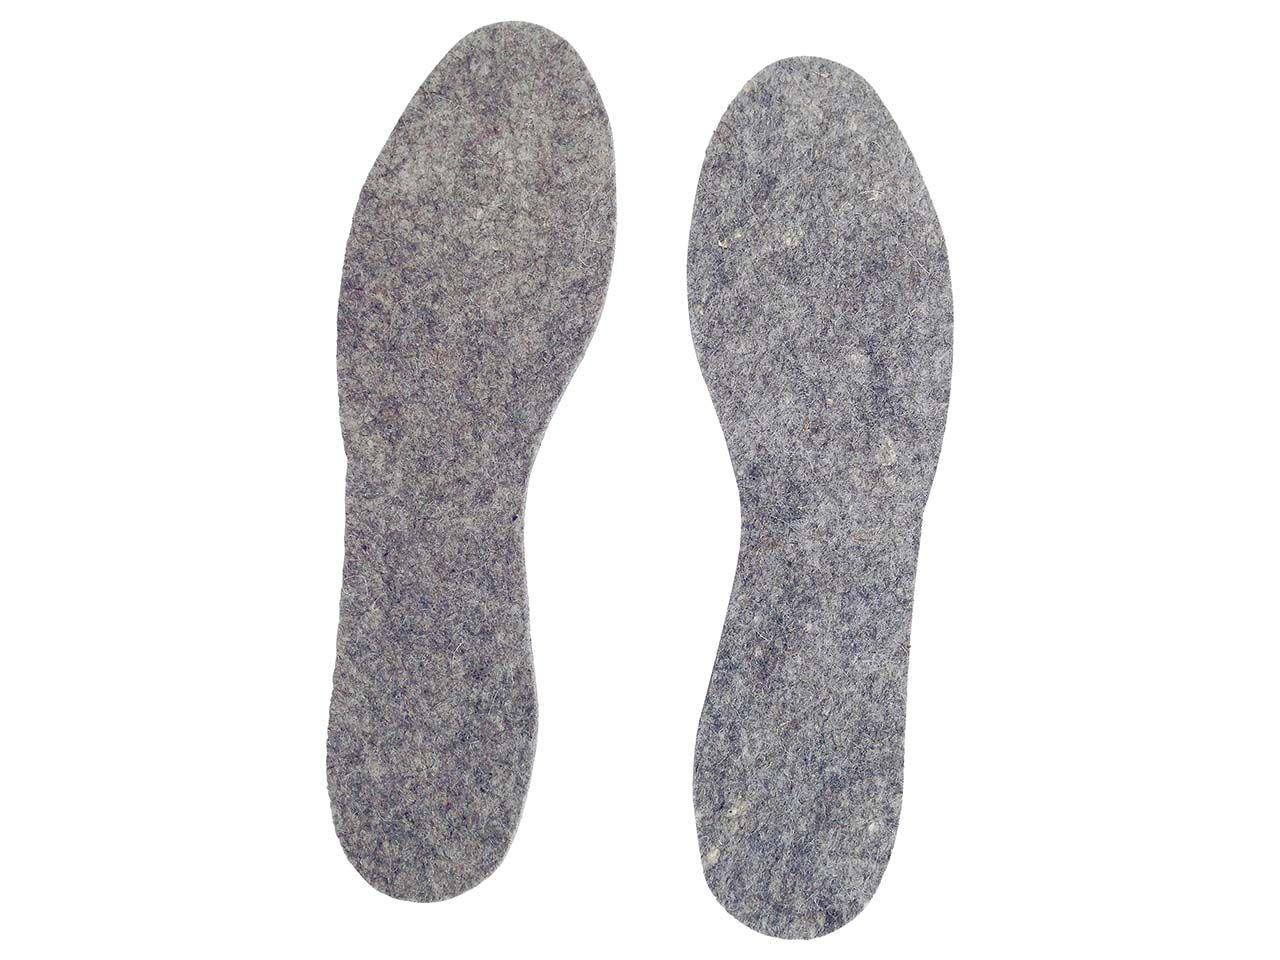 Schuheinlagen aus Wollfilz, Gr. 46-47 6200110